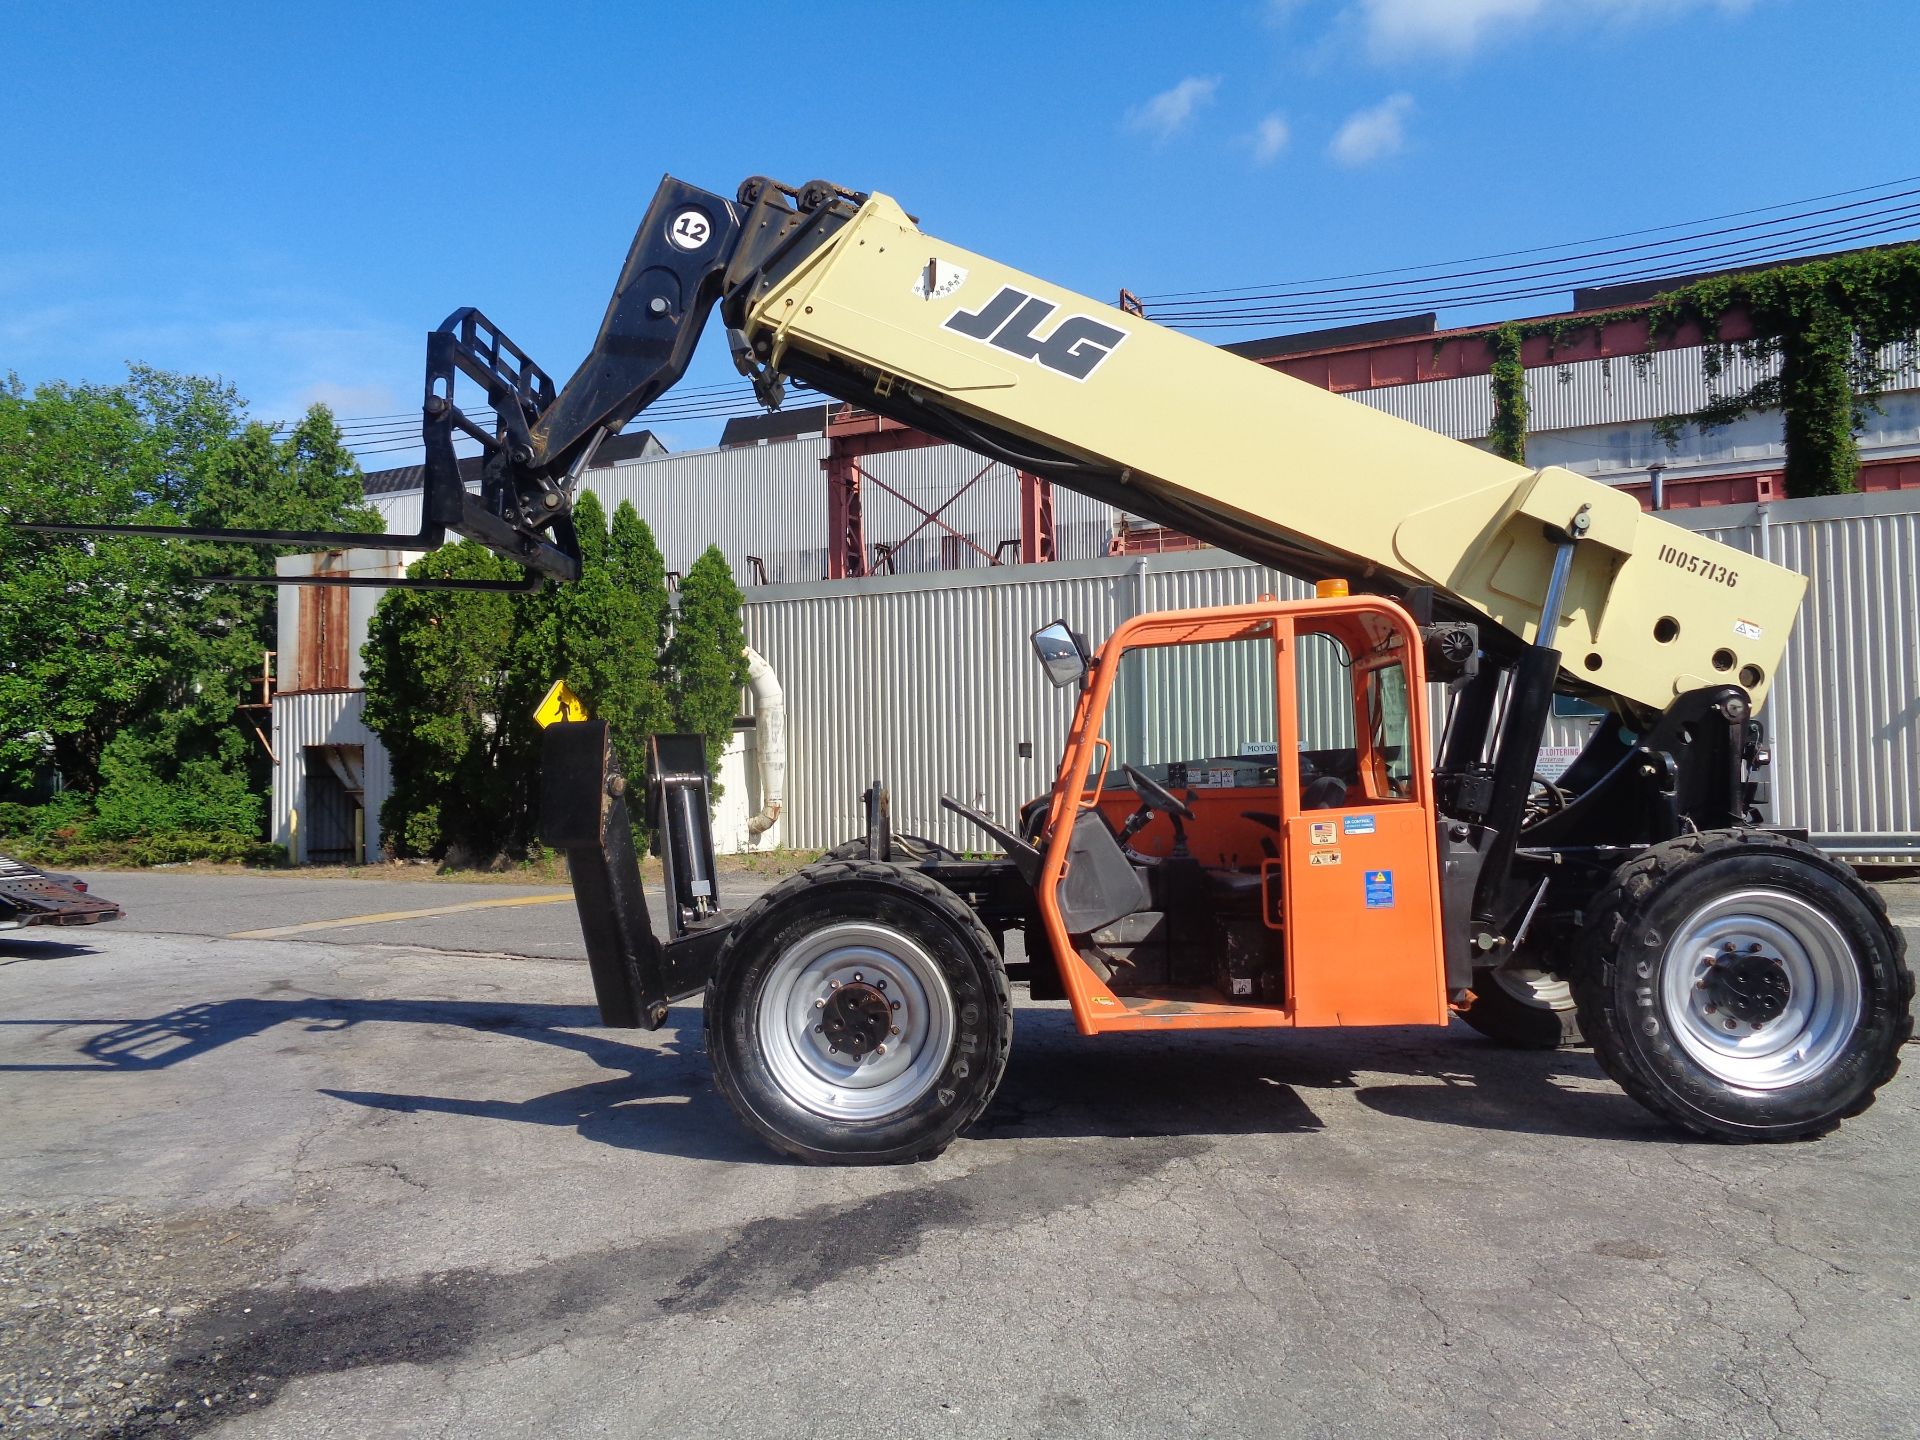 Lot 45 - 2012 JLG G12-55A 12,000lb Telescopic Forklift